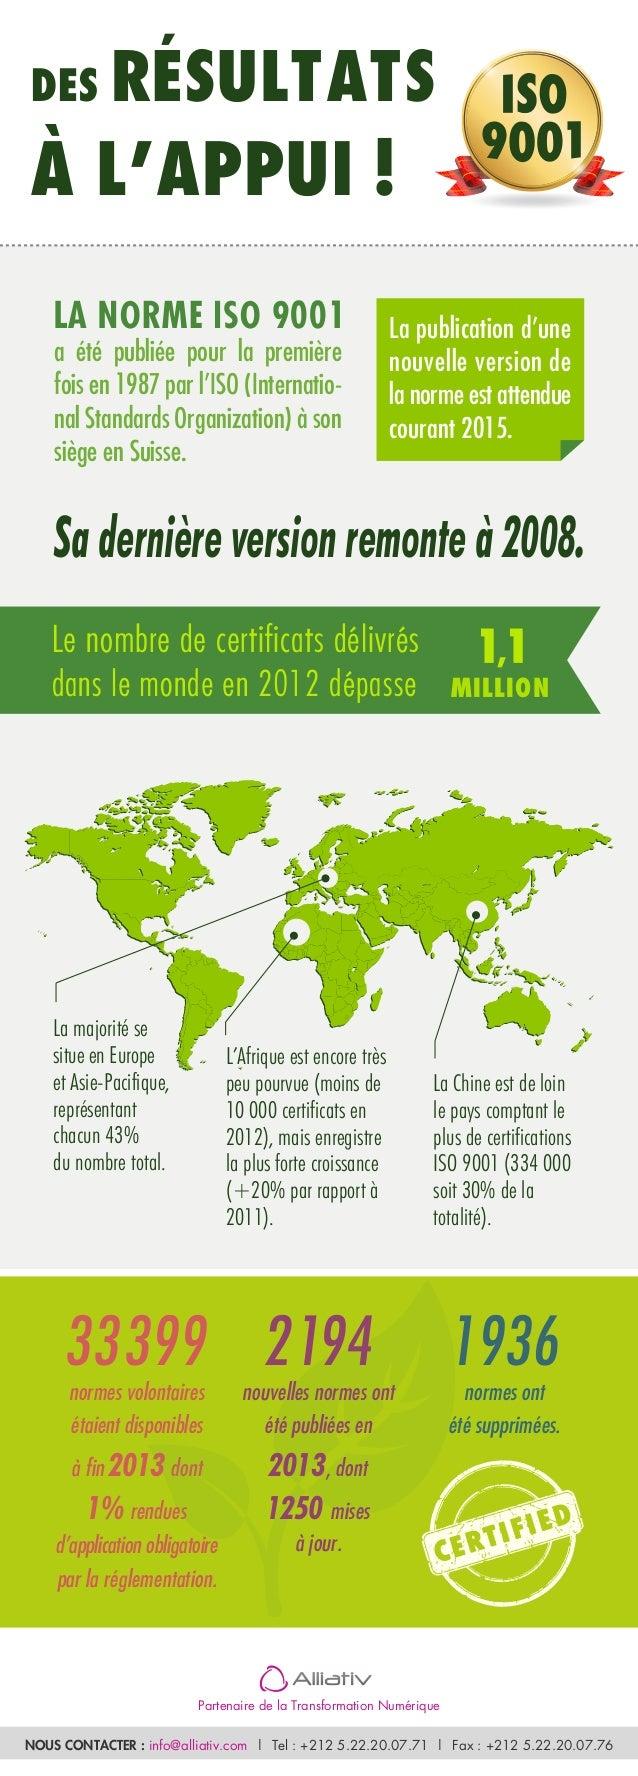 33399normes volontaires étaient disponibles à fin 2013dont 1%rendues d'application obligatoire par la réglementation. 2194...